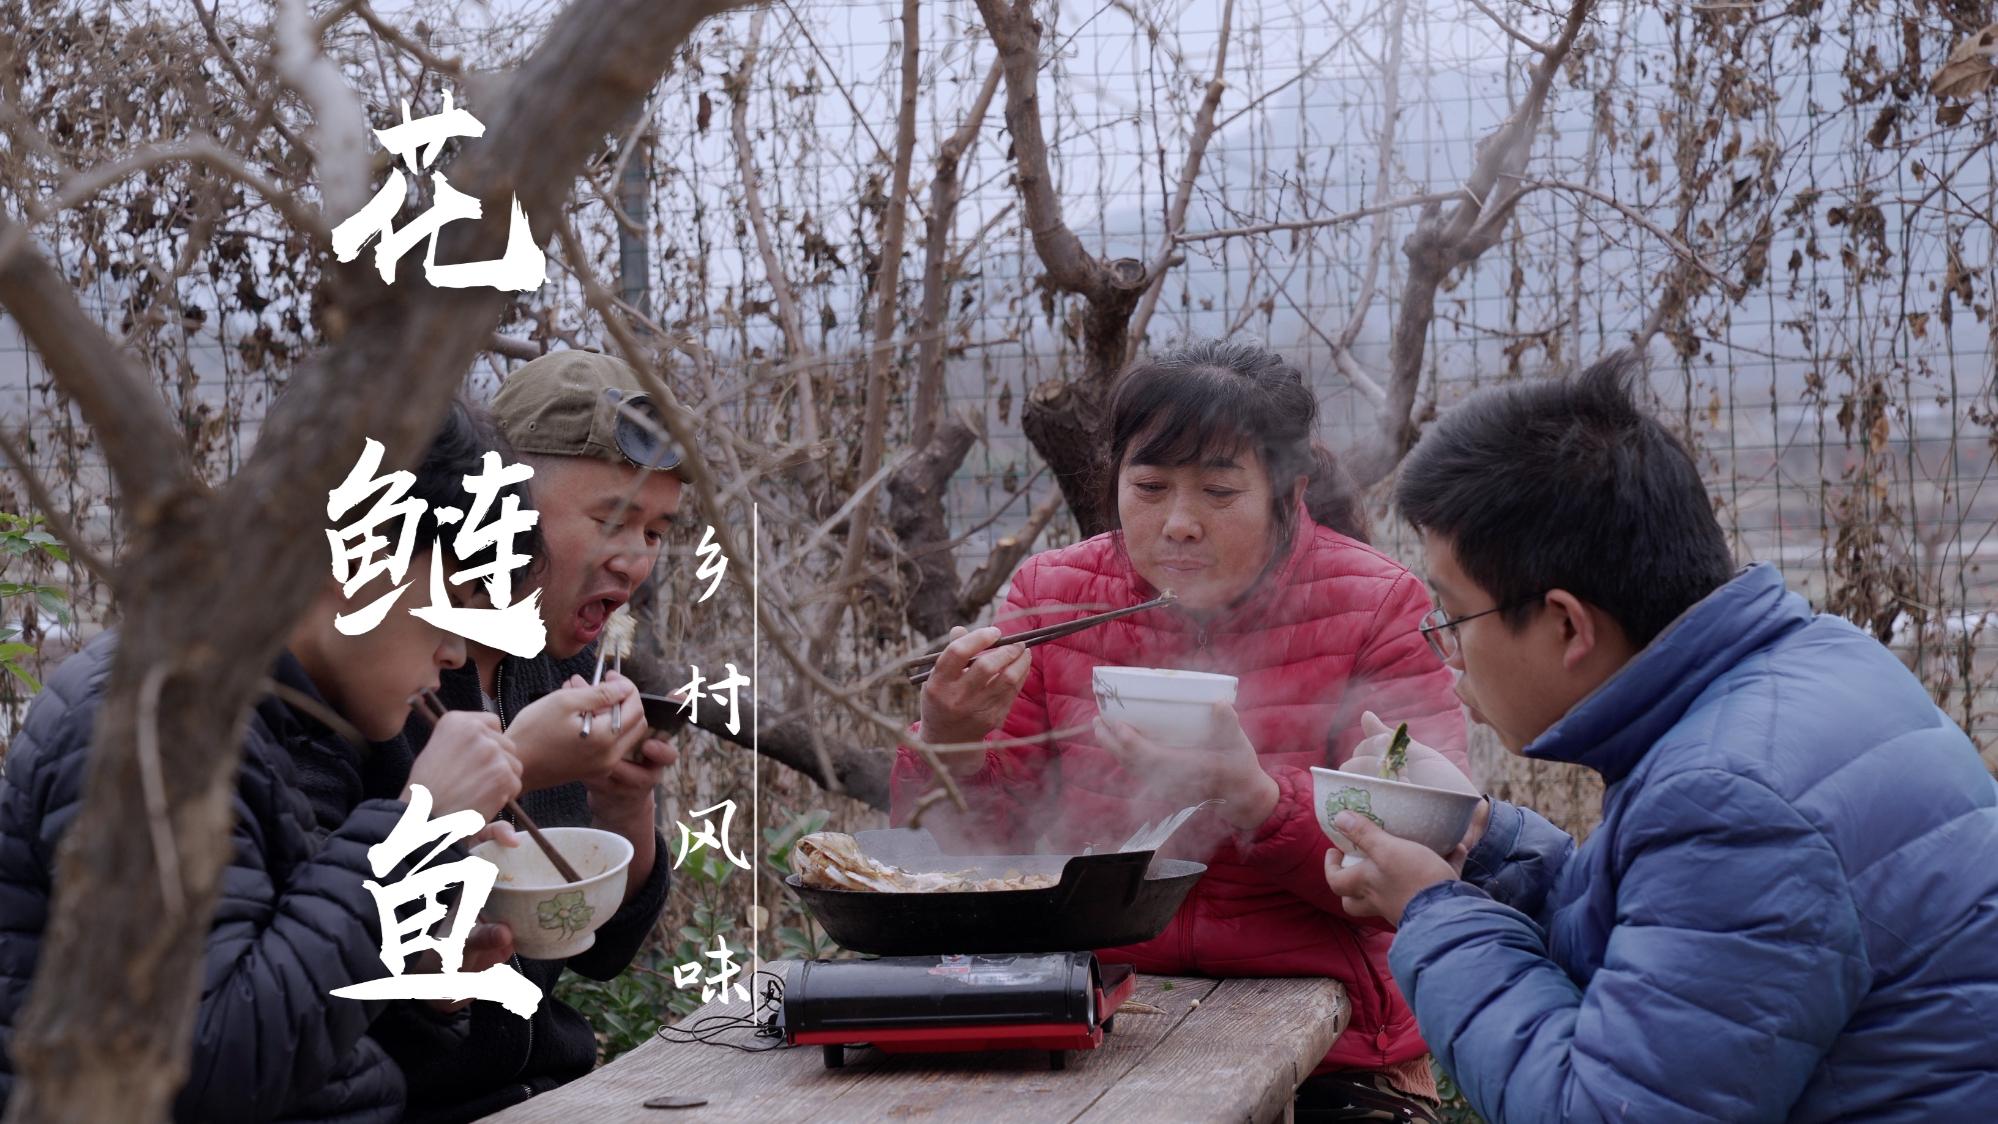 """天冷请兄弟们吃""""大铁锅炖花鲢"""",4个人围着锅,热乎乎越吃越香"""